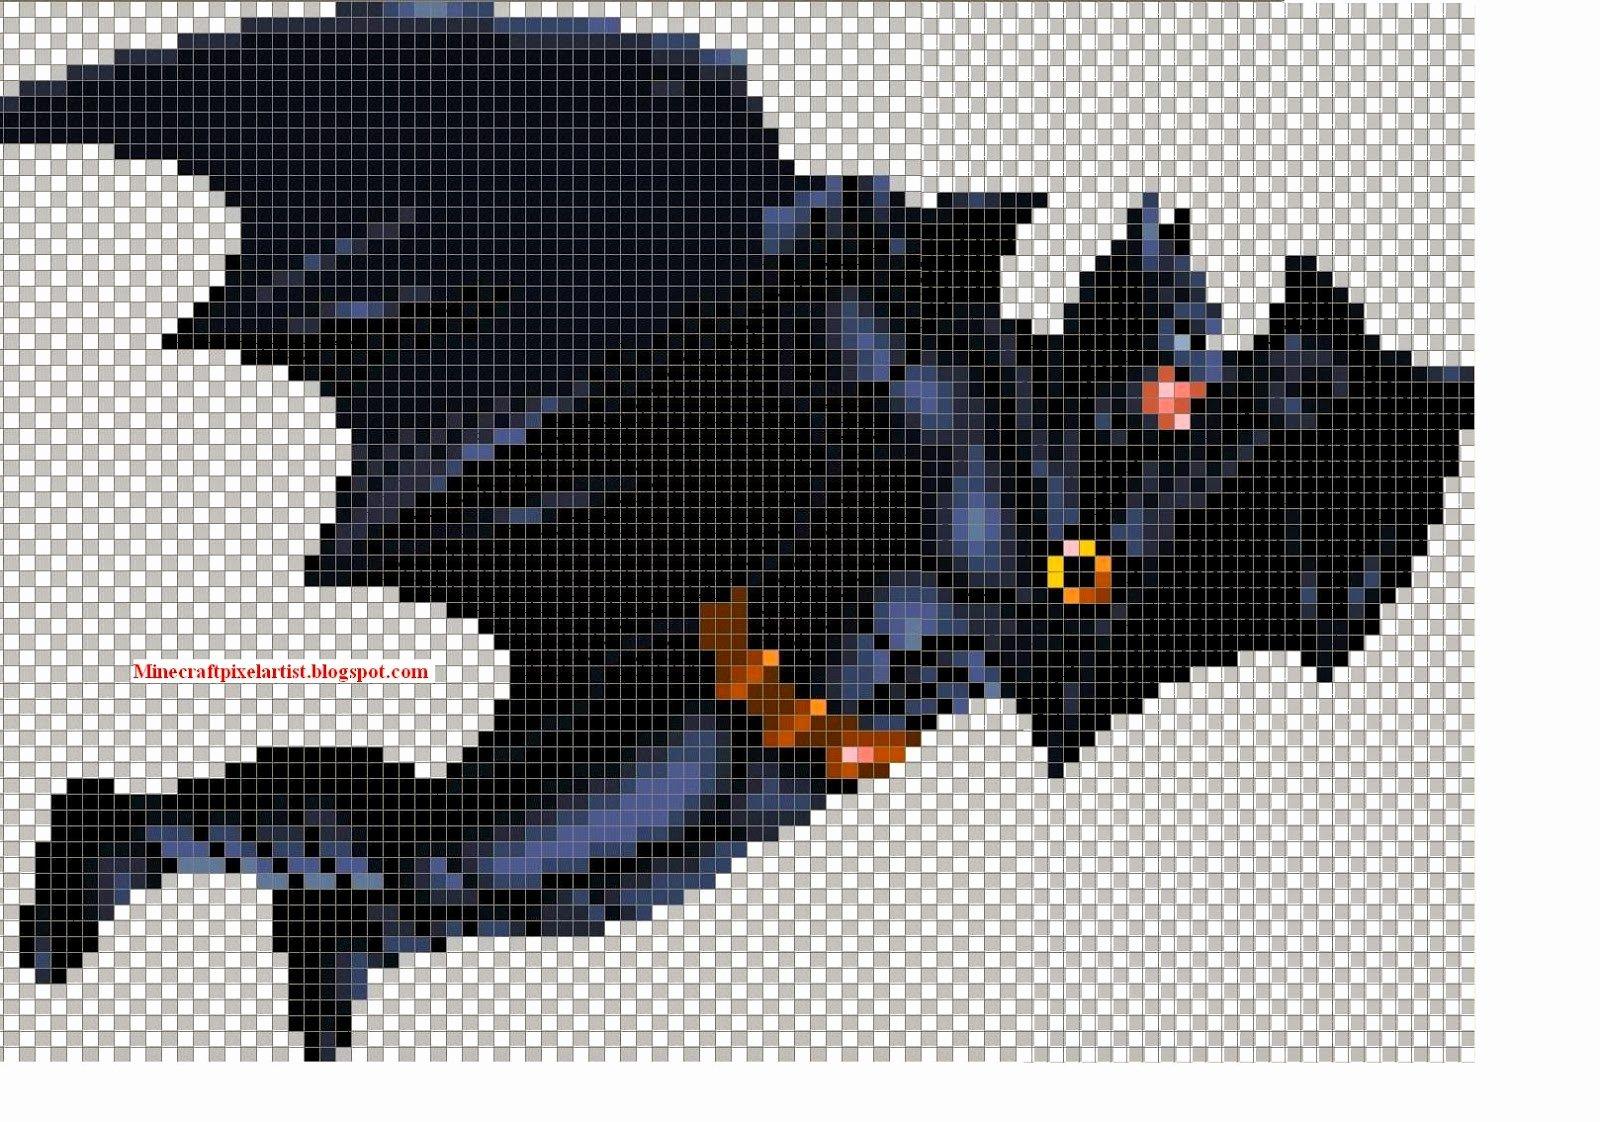 Minecraft Pixel Art Templates and Tutorials Batman